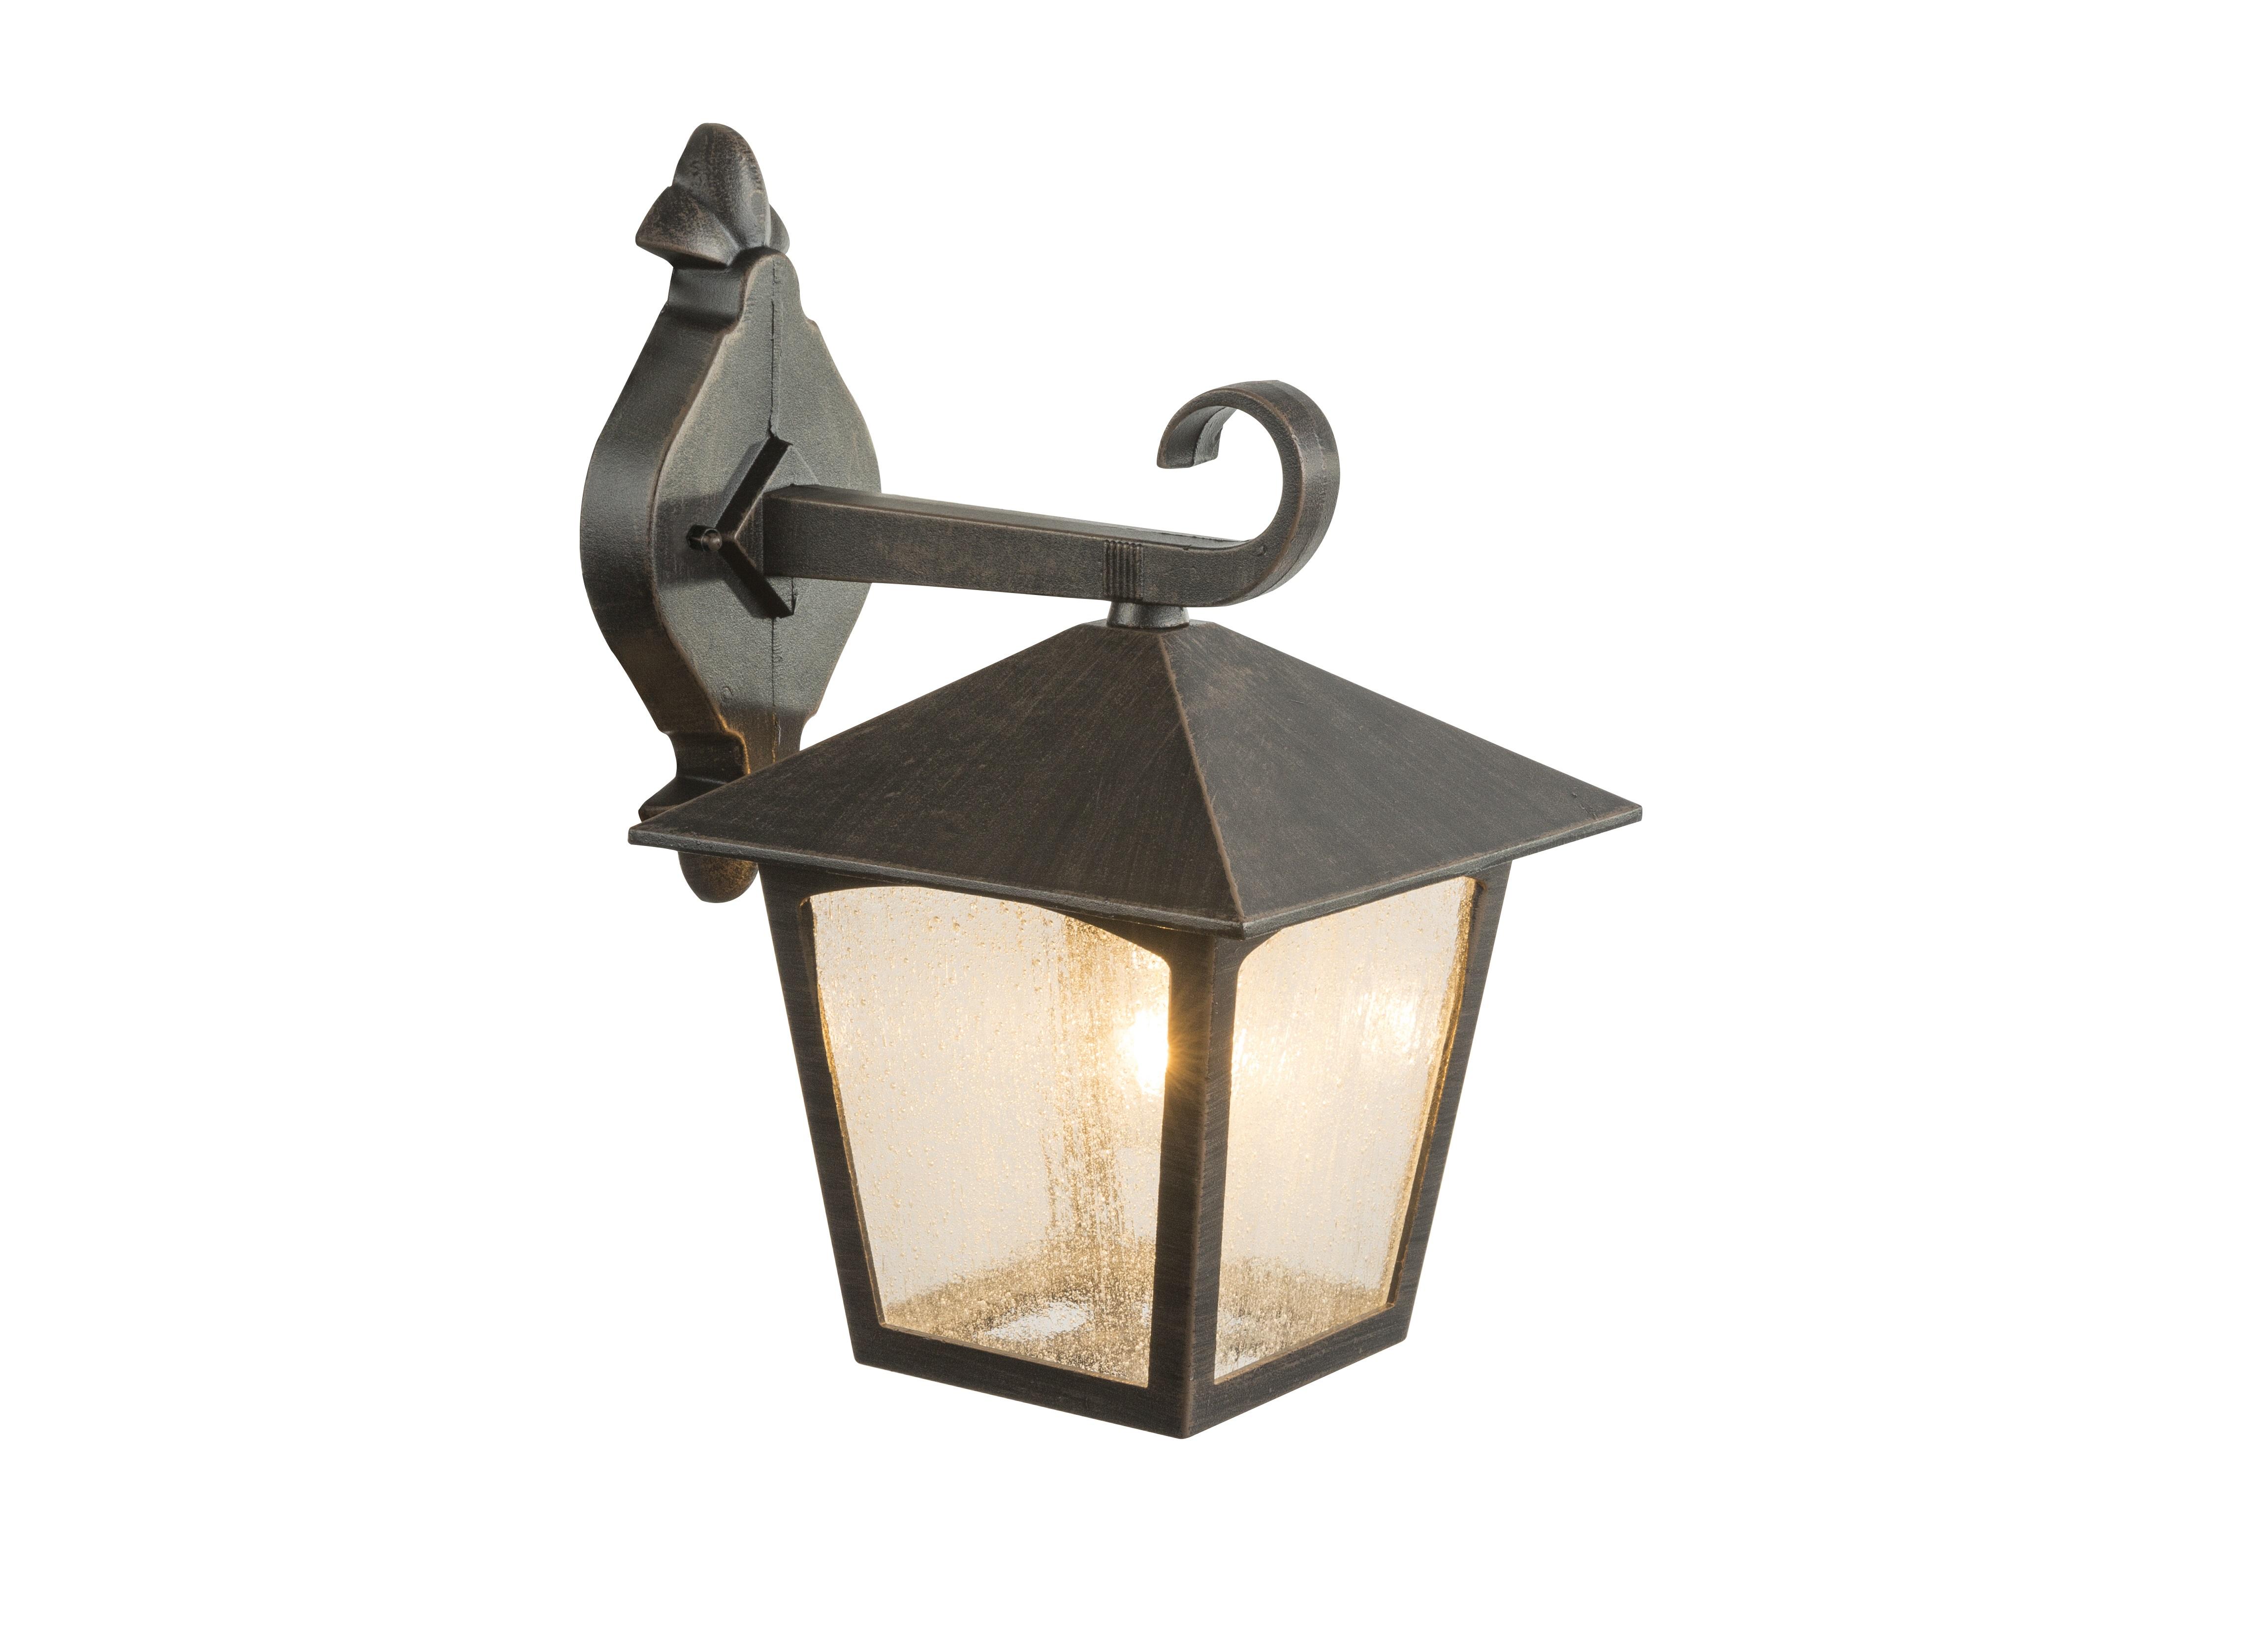 Светильник уличныйУличные настенные светильники<br>&amp;lt;div&amp;gt;Тип цоколя: E27&amp;lt;/div&amp;gt;&amp;lt;div&amp;gt;Мощность: 60W&amp;lt;/div&amp;gt;&amp;lt;div&amp;gt;Кол-во ламп: 1 (нет в комплекте)&amp;lt;/div&amp;gt;<br><br>Material: Металл<br>Length см: None<br>Width см: 18,4<br>Depth см: 24,2<br>Height см: 31,5<br>Diameter см: None